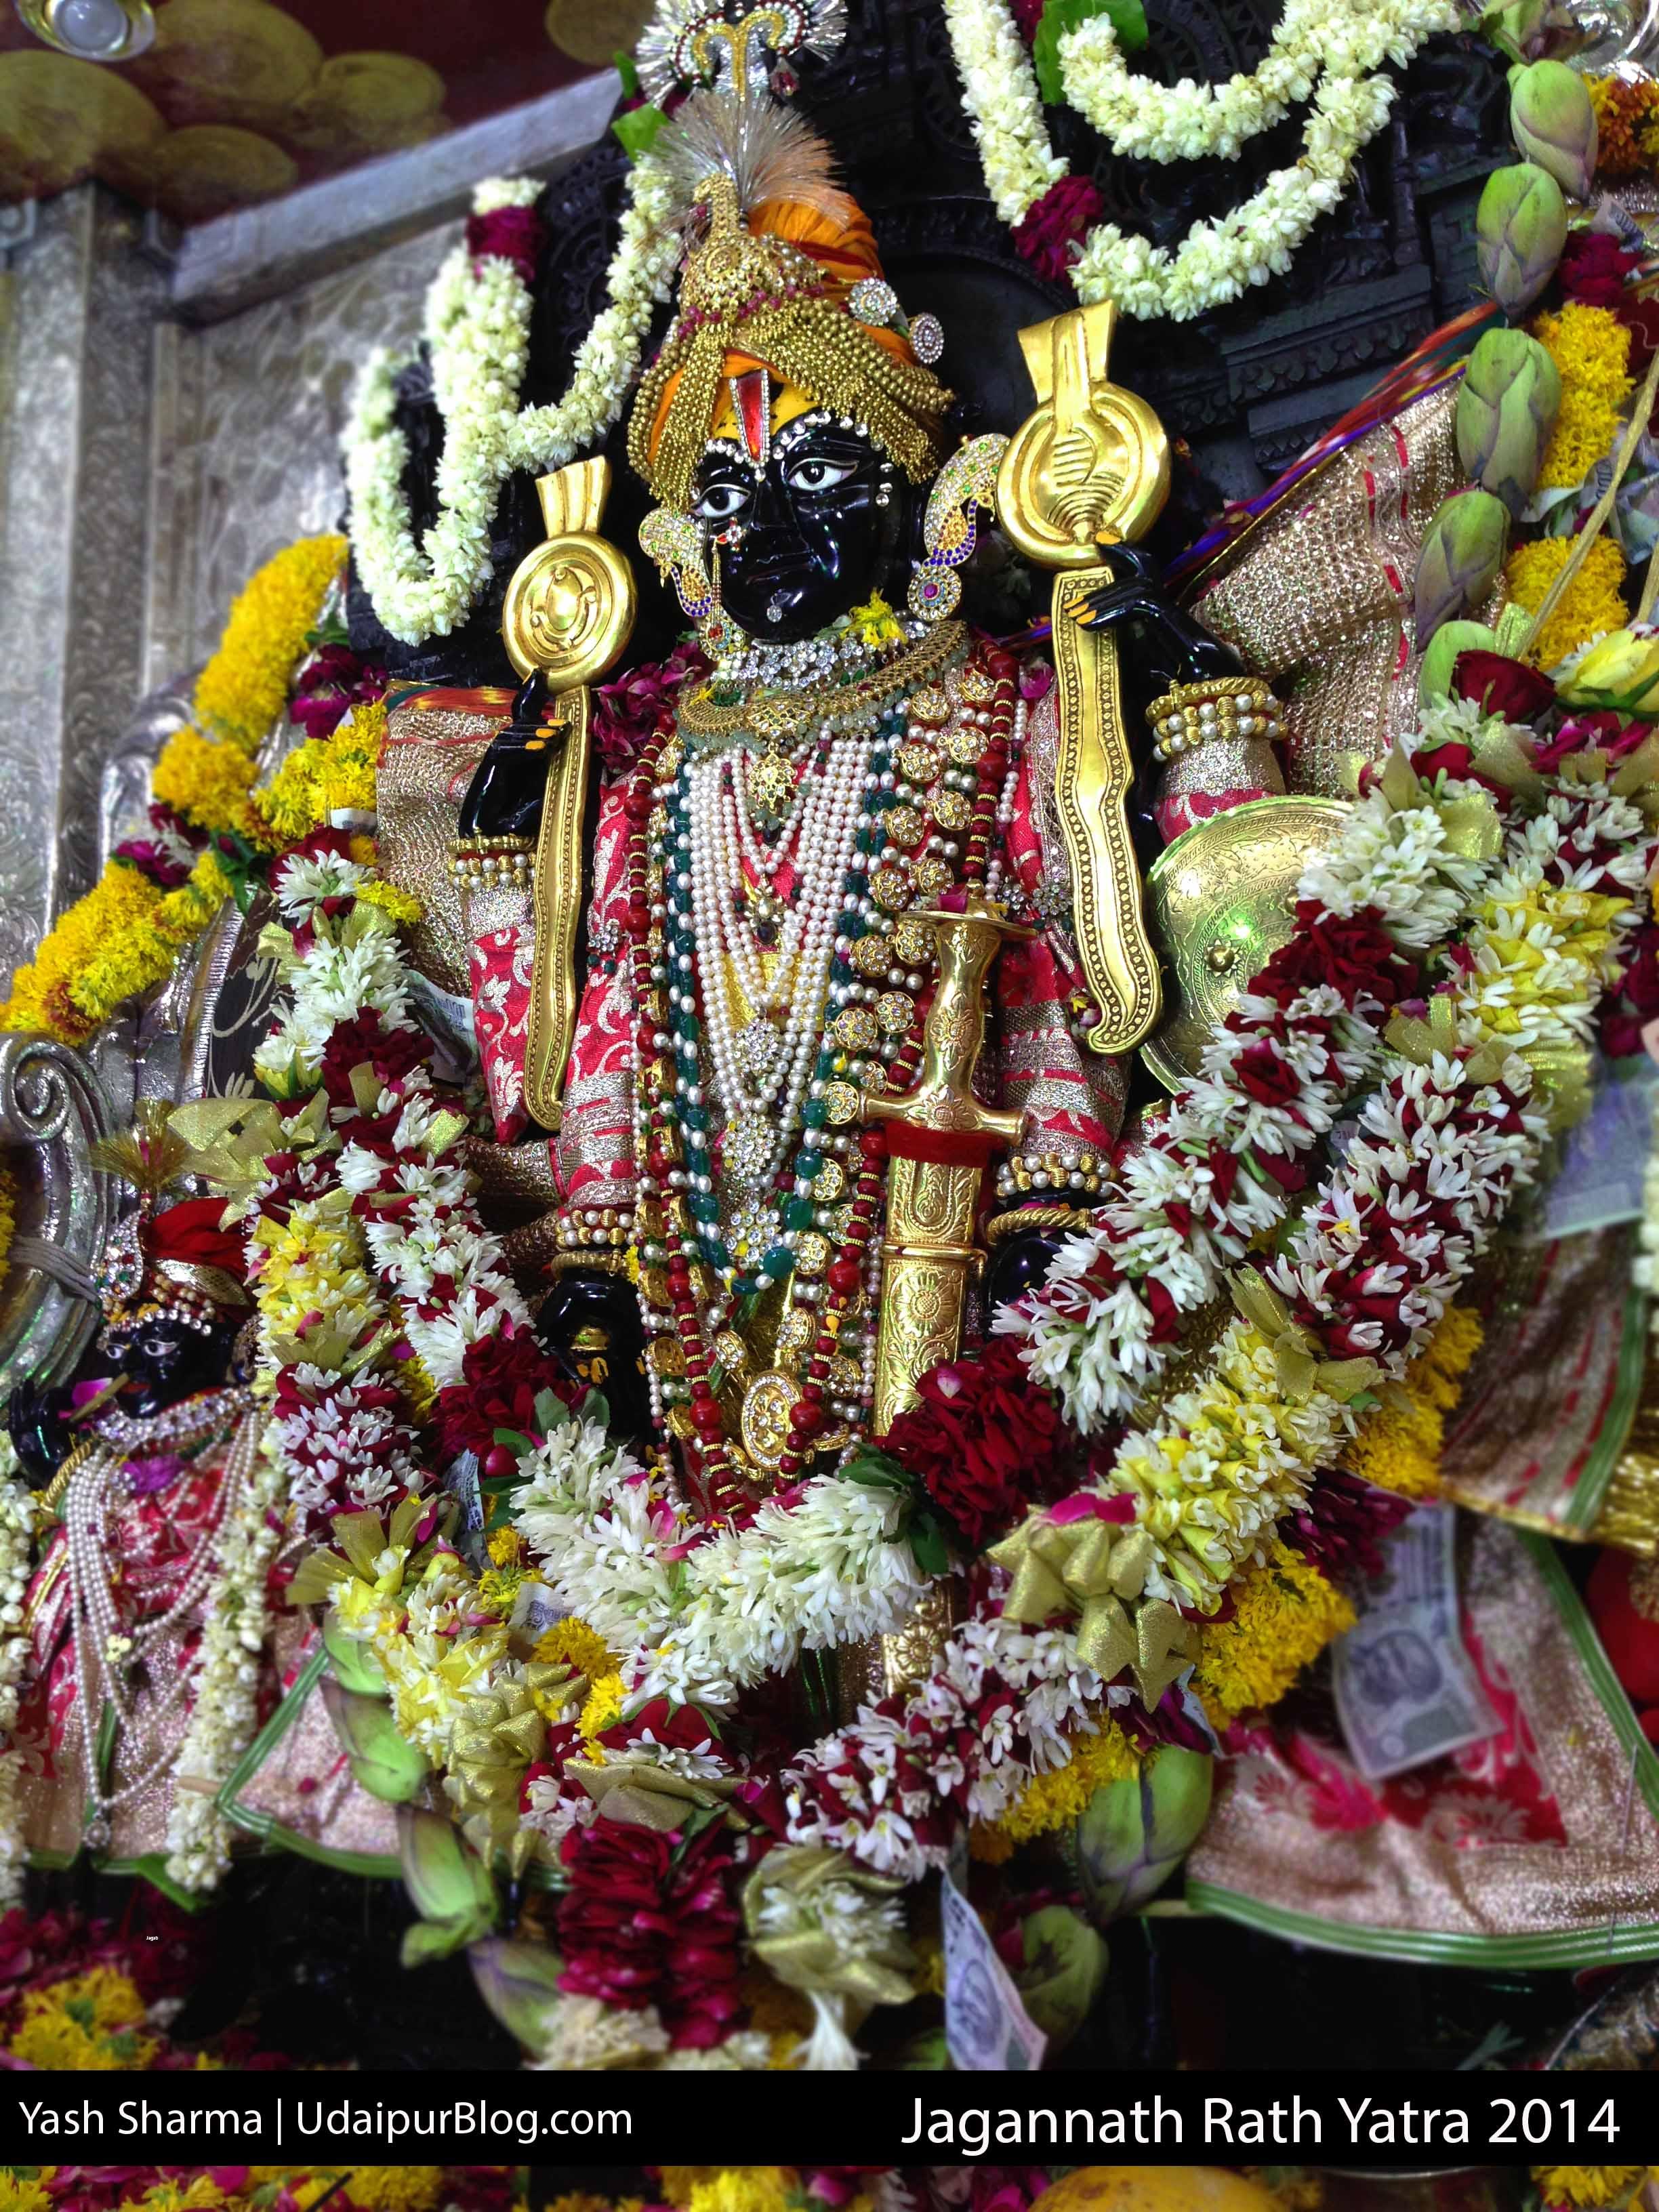 [Best Pictures] Jagannath Rath Yatra 2014